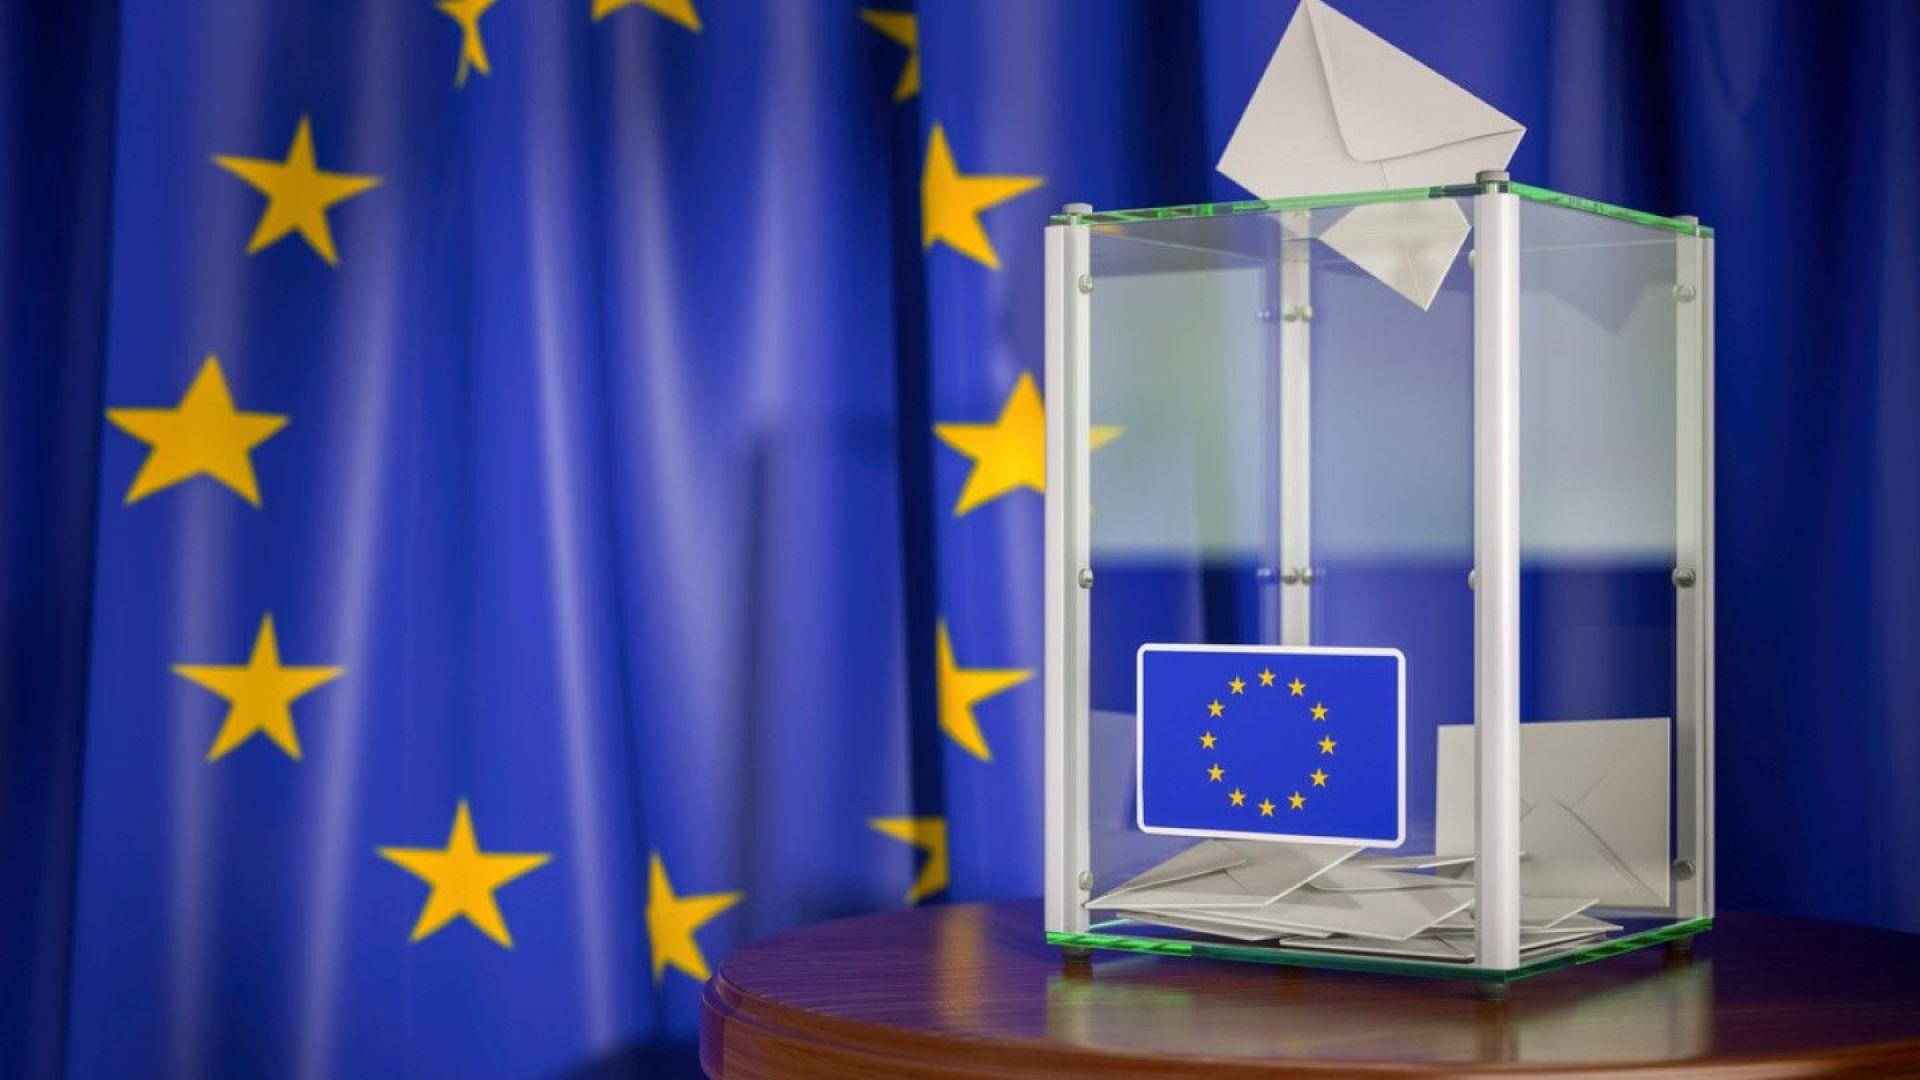 ЕП с трети прогнозни резултати за новия парламент - 179 места за ЕНП и 152 за ПЕС